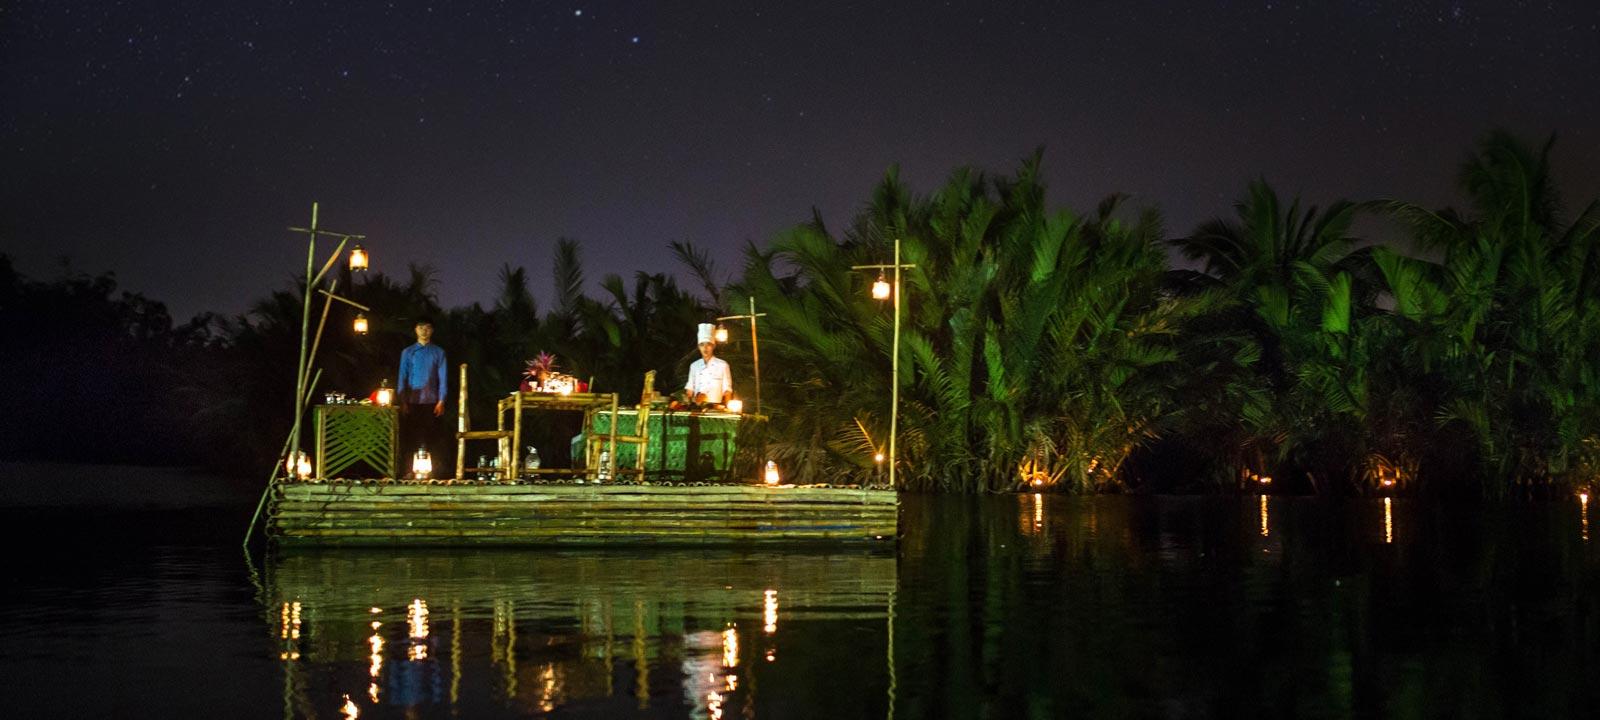 Diner romantique sur un radeau en bambou